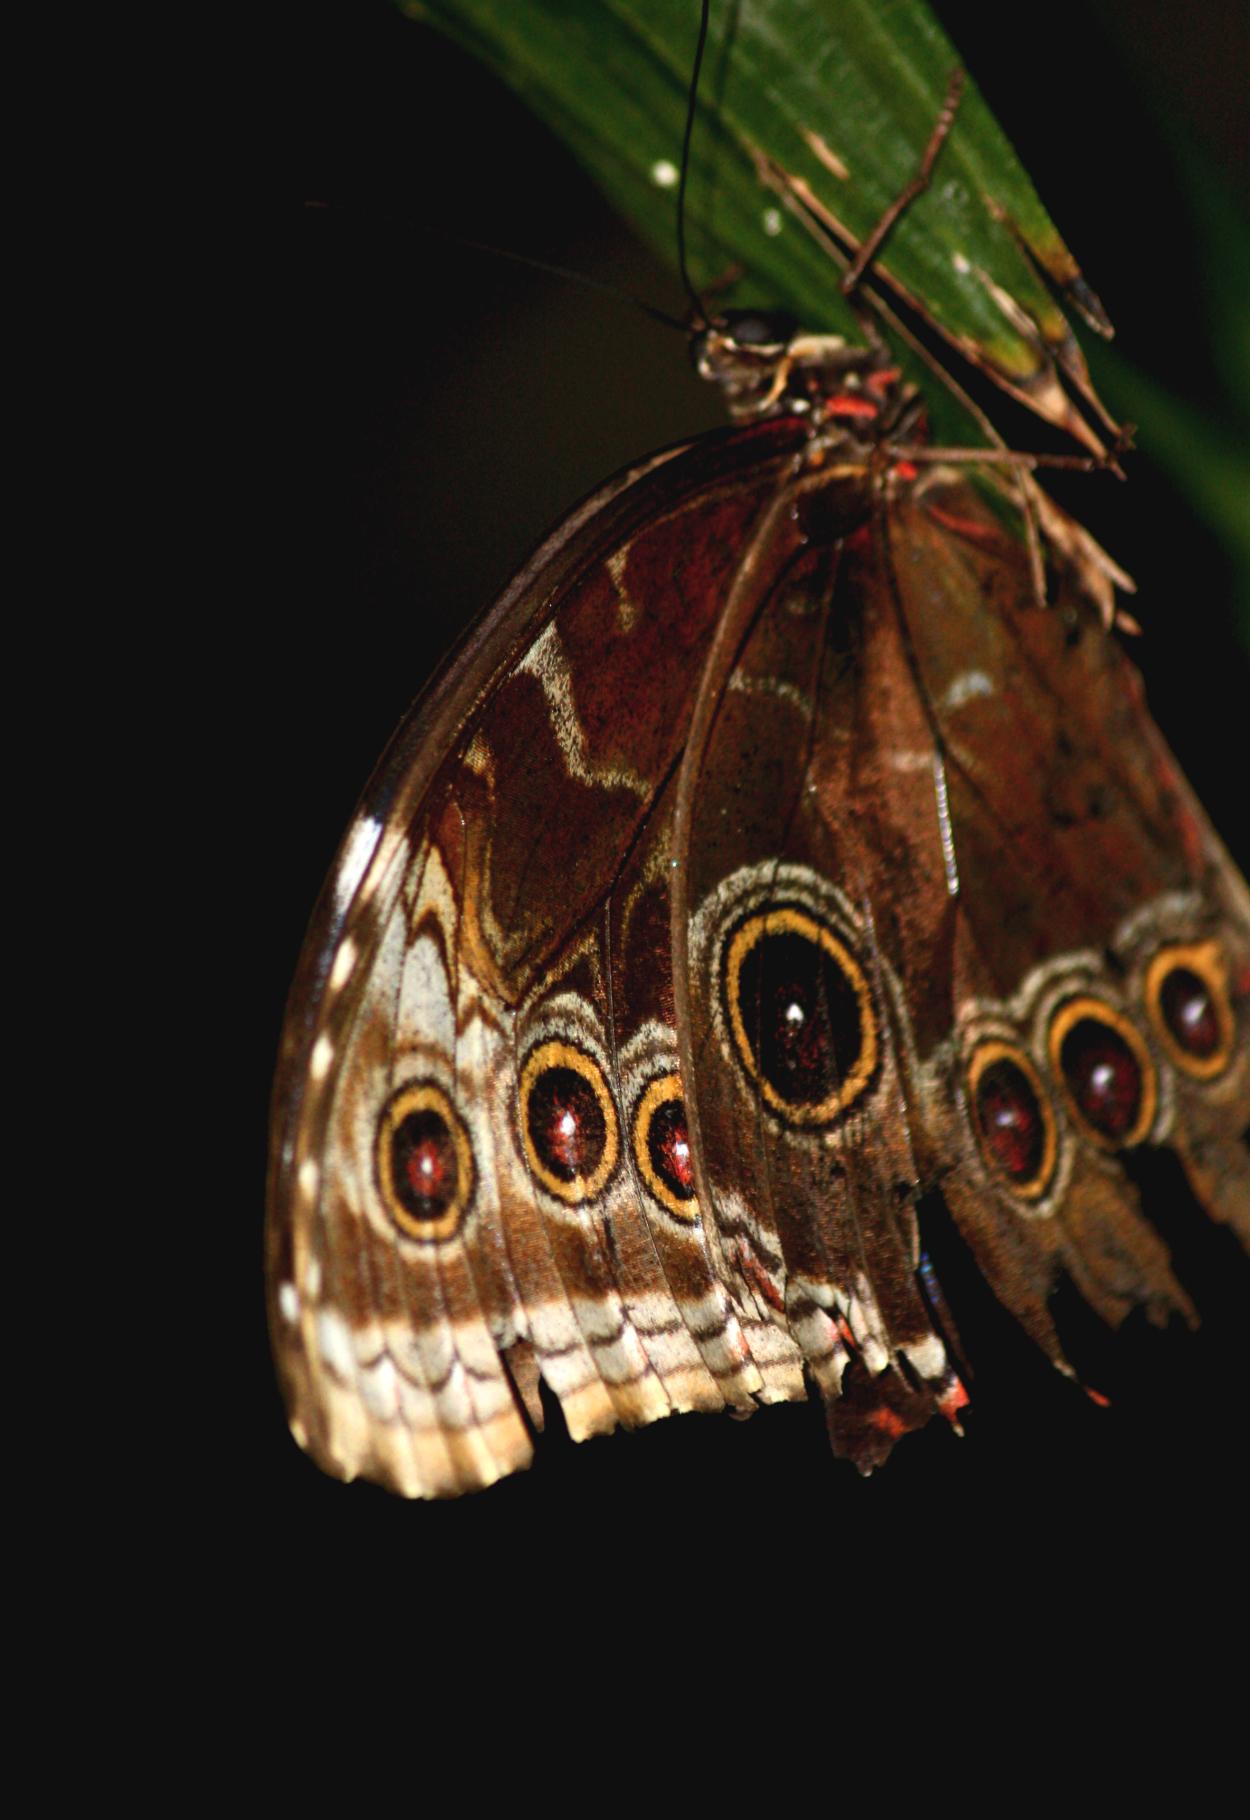 Nature eyes